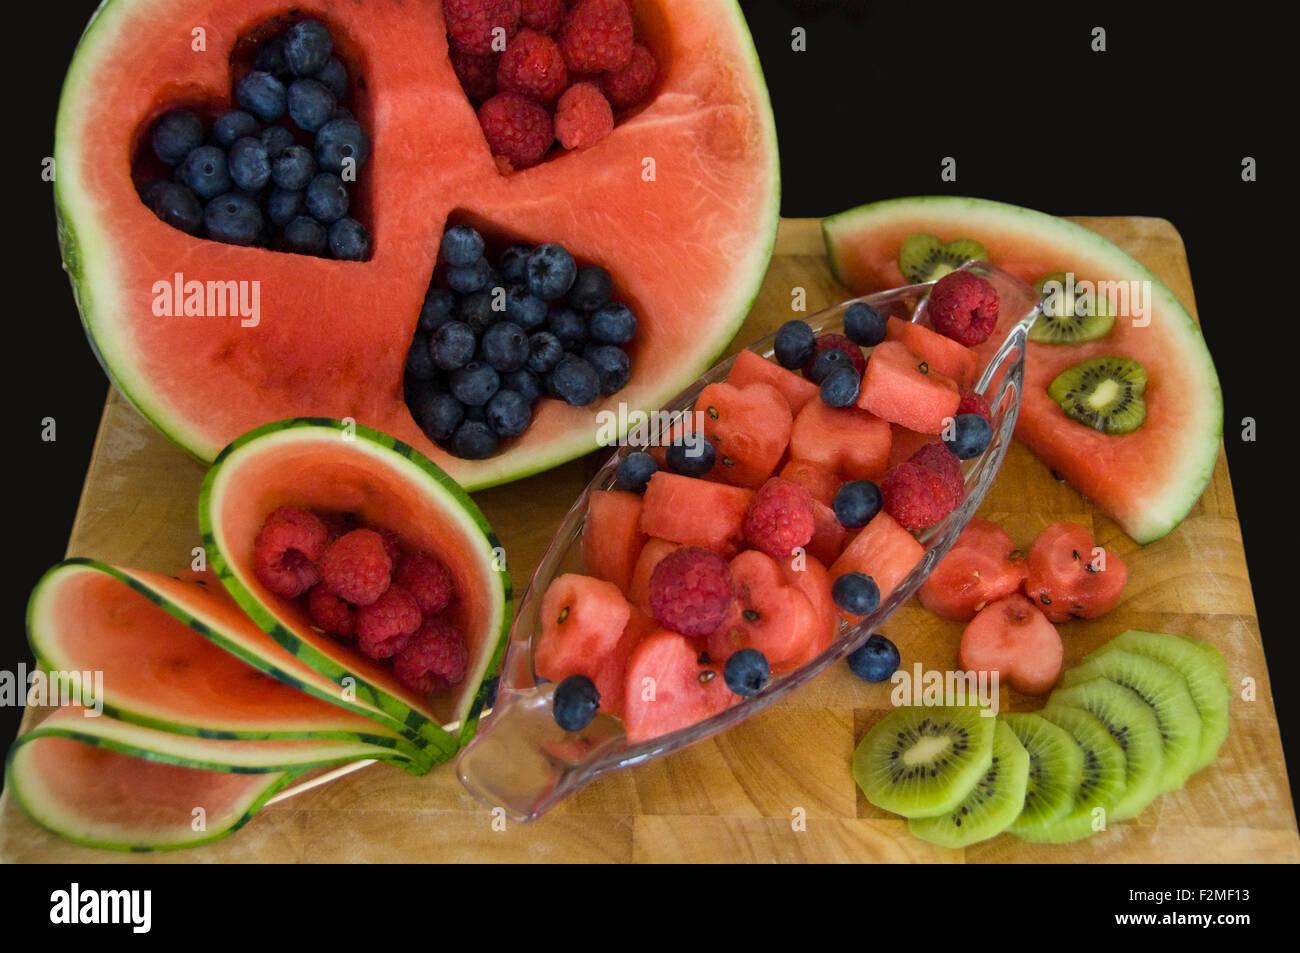 Horizontal Close Up Of A Fruit Salad Cut Into Various